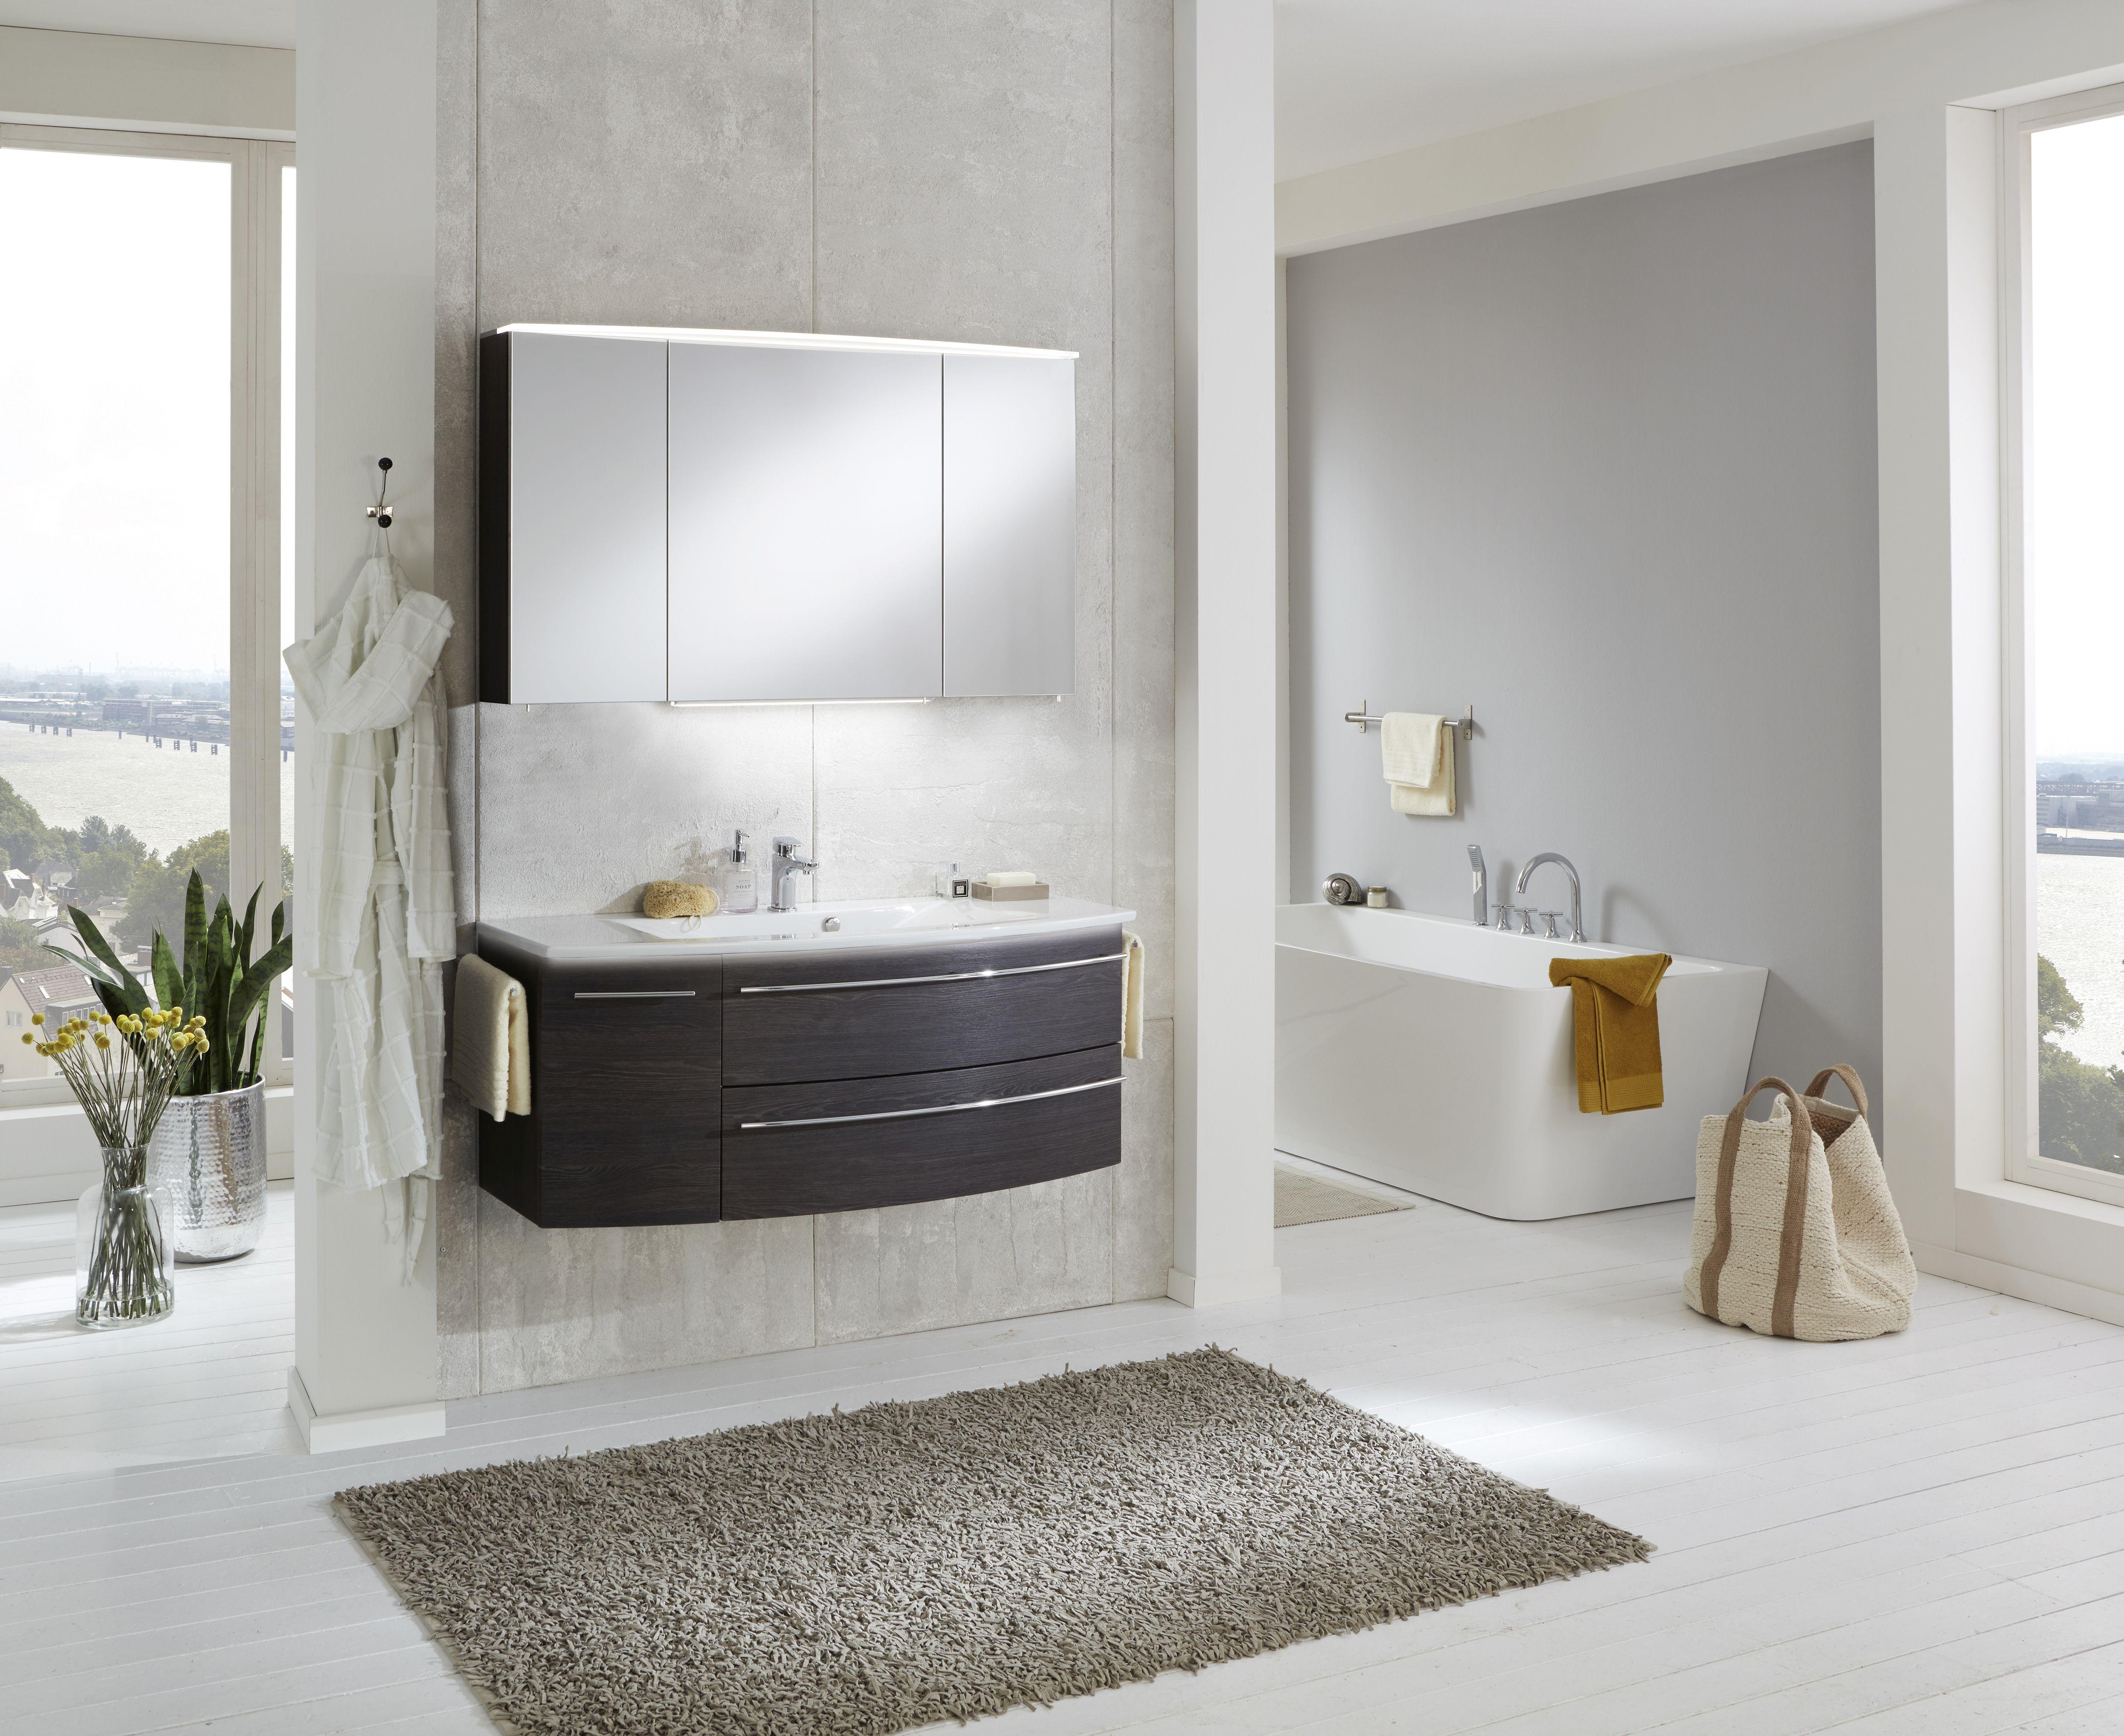 Marlin bad 3040 cityplus spiegelschrank 120 cm breit for Spiegelschrank bad 120 cm breit